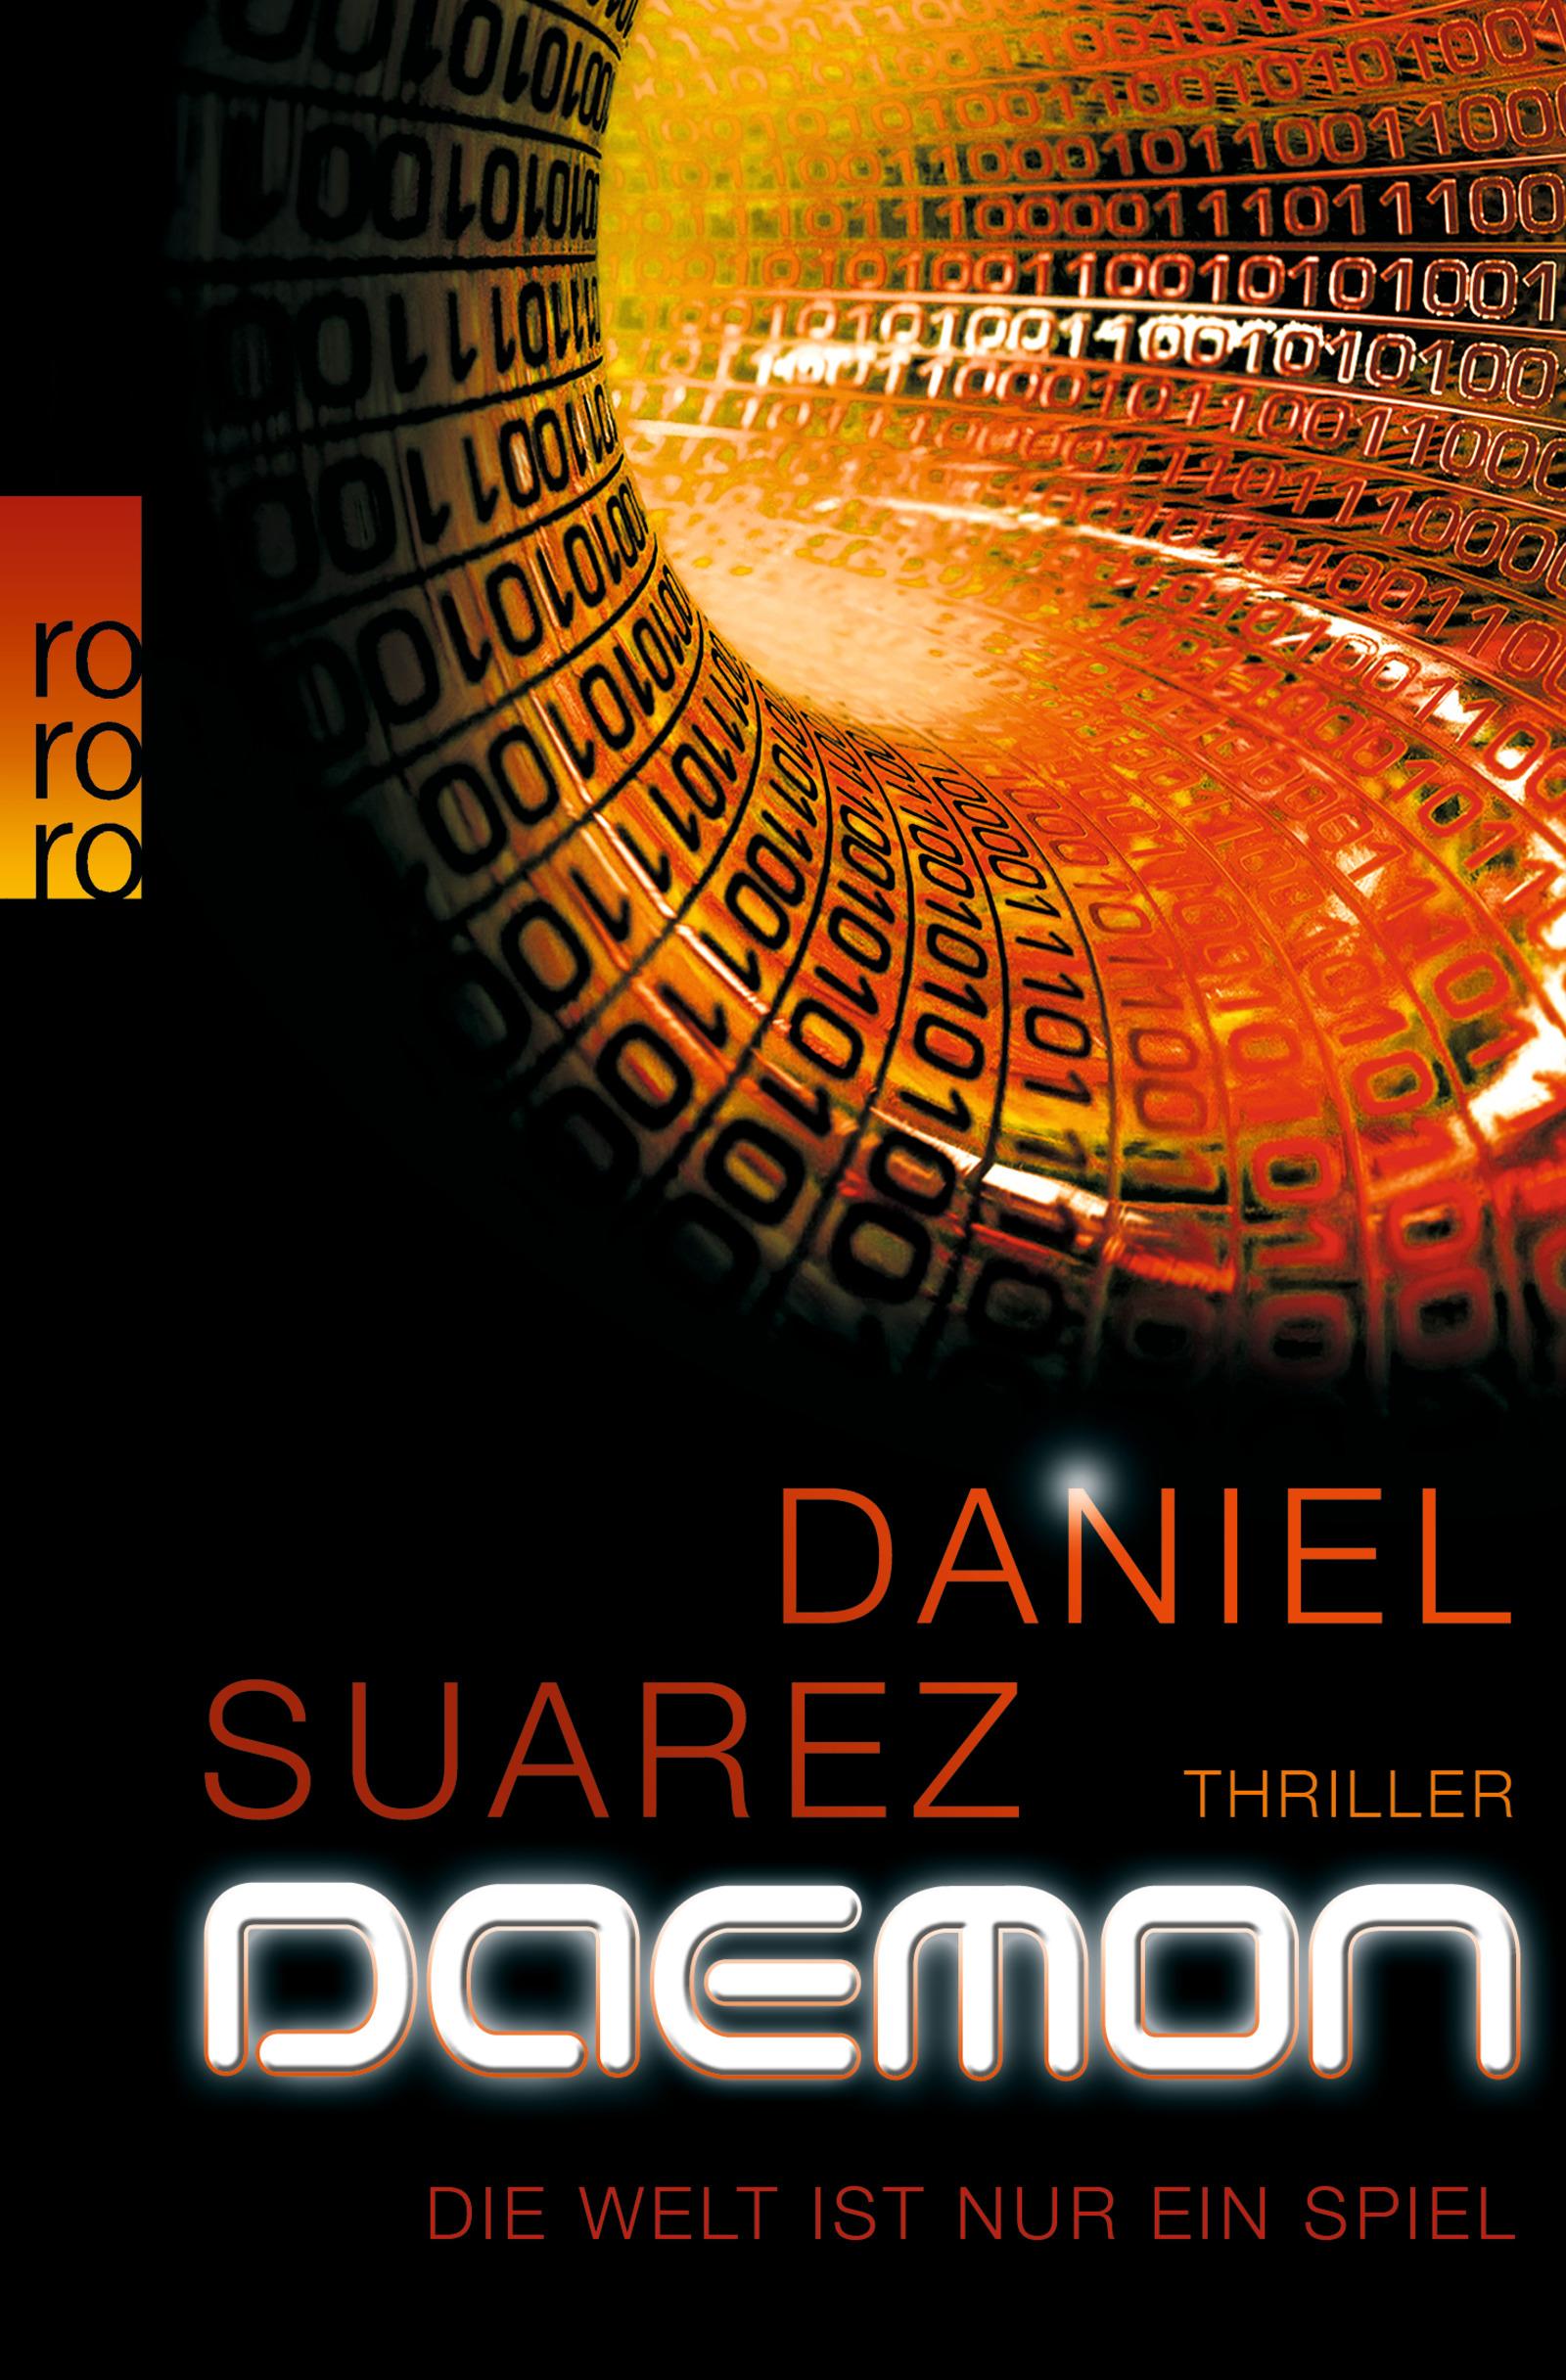 Rezension: Daniel Suarez's Daemon Fortsetzung Darknet - die Welt ist nur ein Spiel